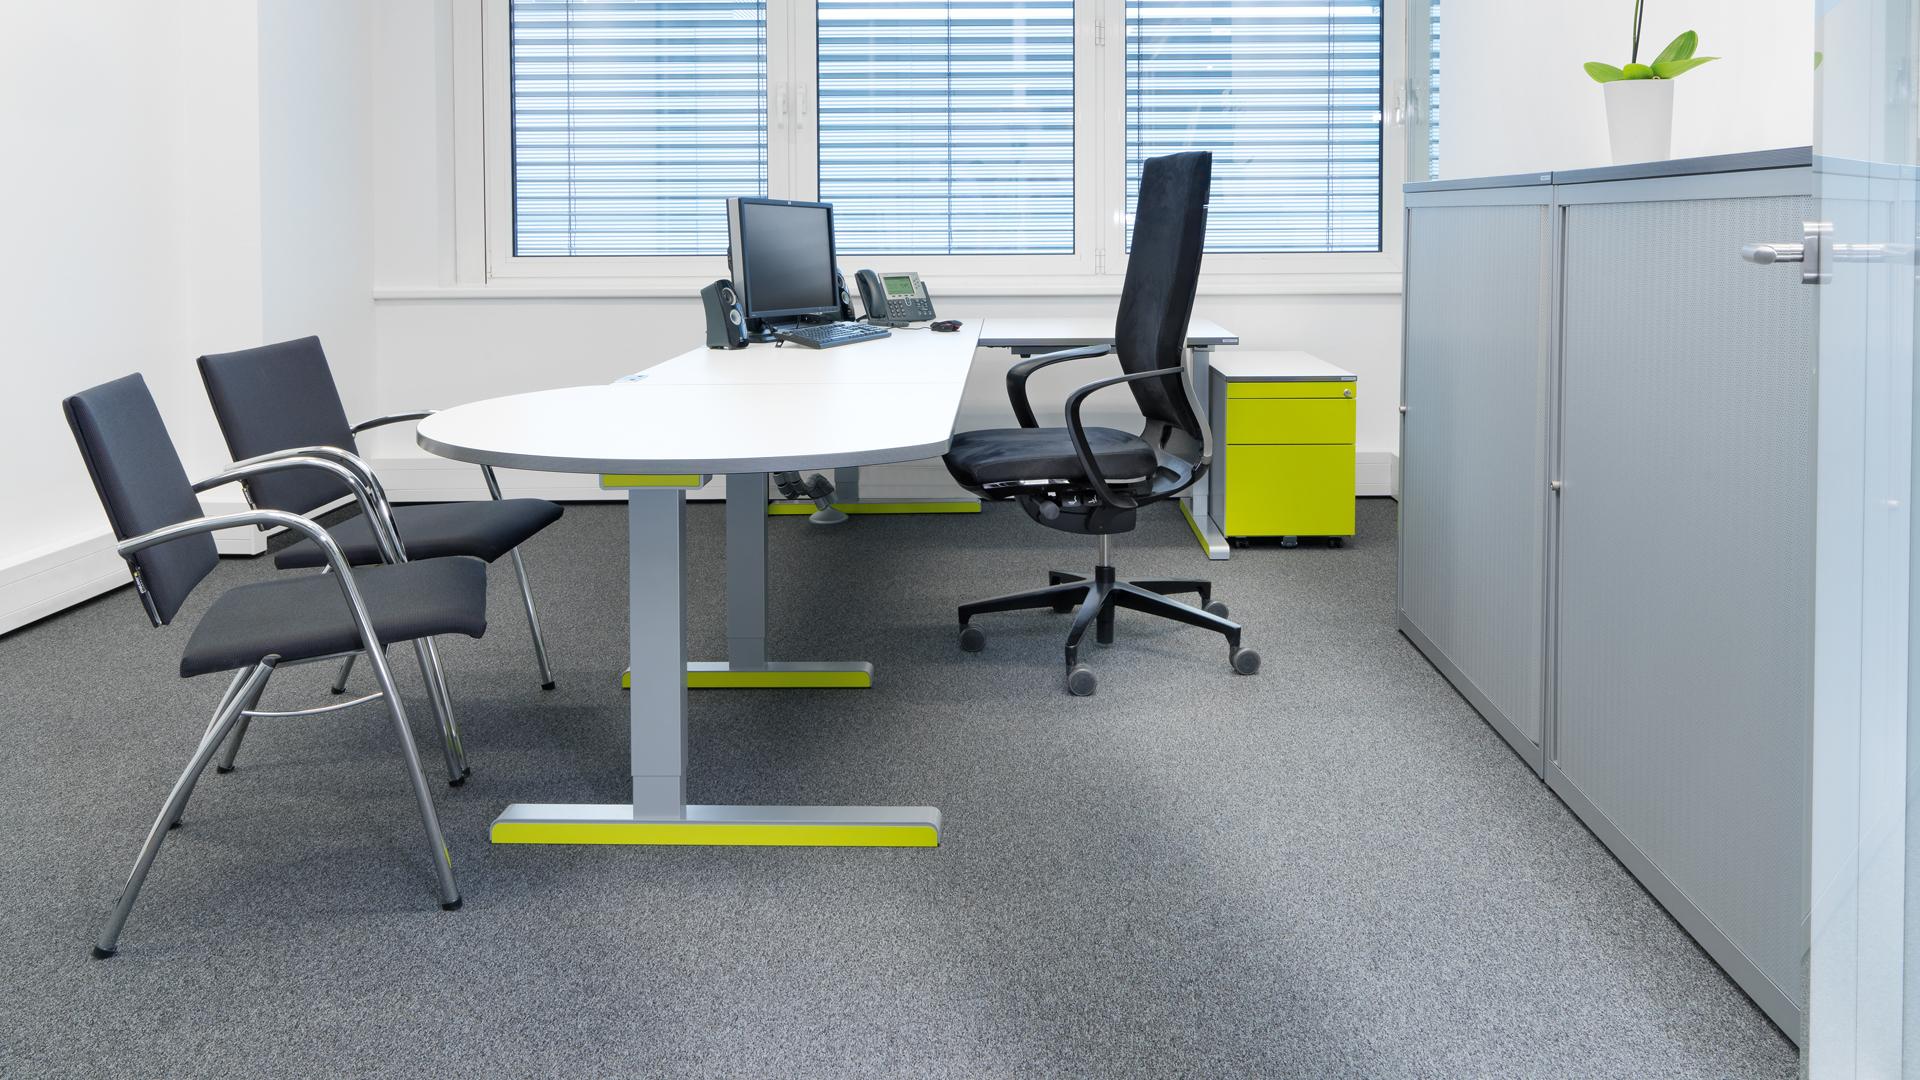 Schreibtisch-Arbeitstisch-mit-Besprechungsansatz-02-varitos-c-mauser-slider